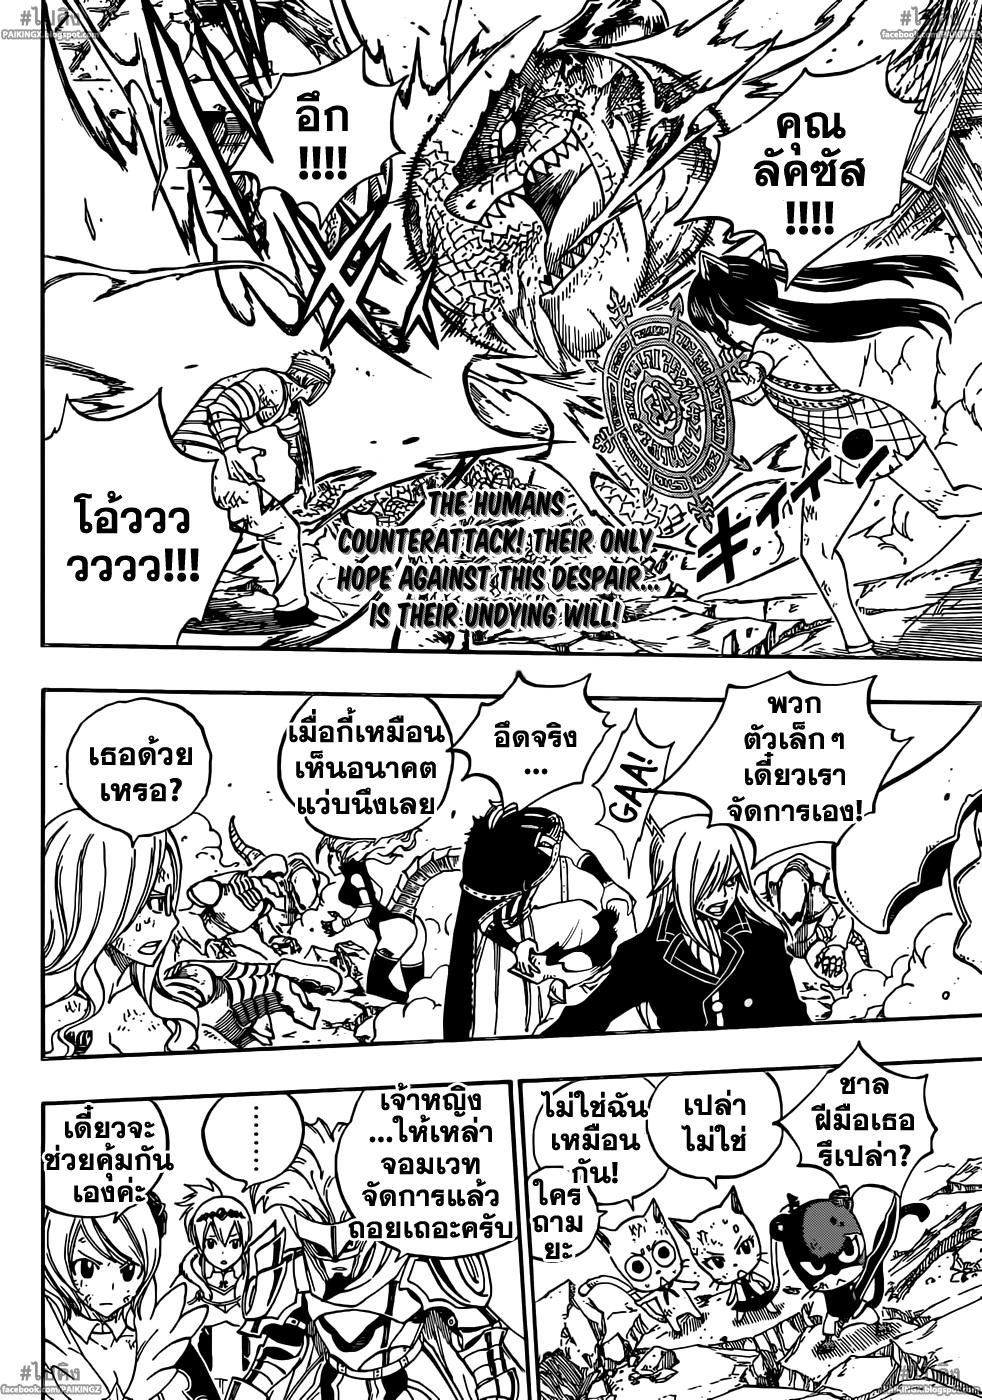 อ่านการ์ตูน Fairy-tail336 แปลไทย เพื่อที่จะมีชีวิตอยู่ในวันนี้อย่างเต็มที่